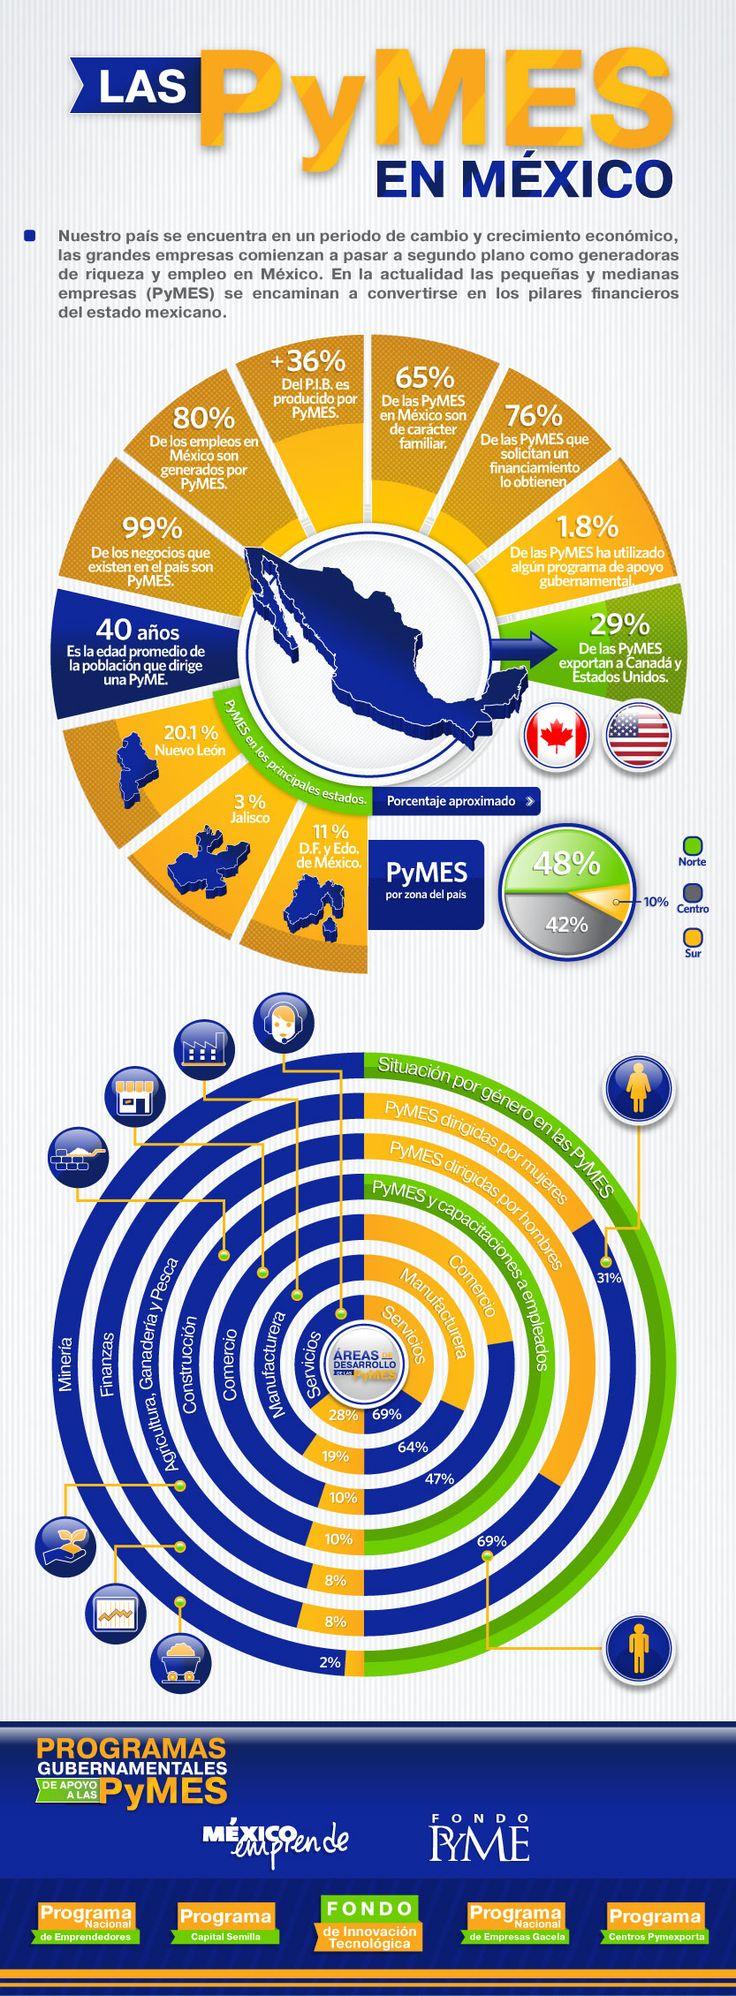 Las Pymes en México